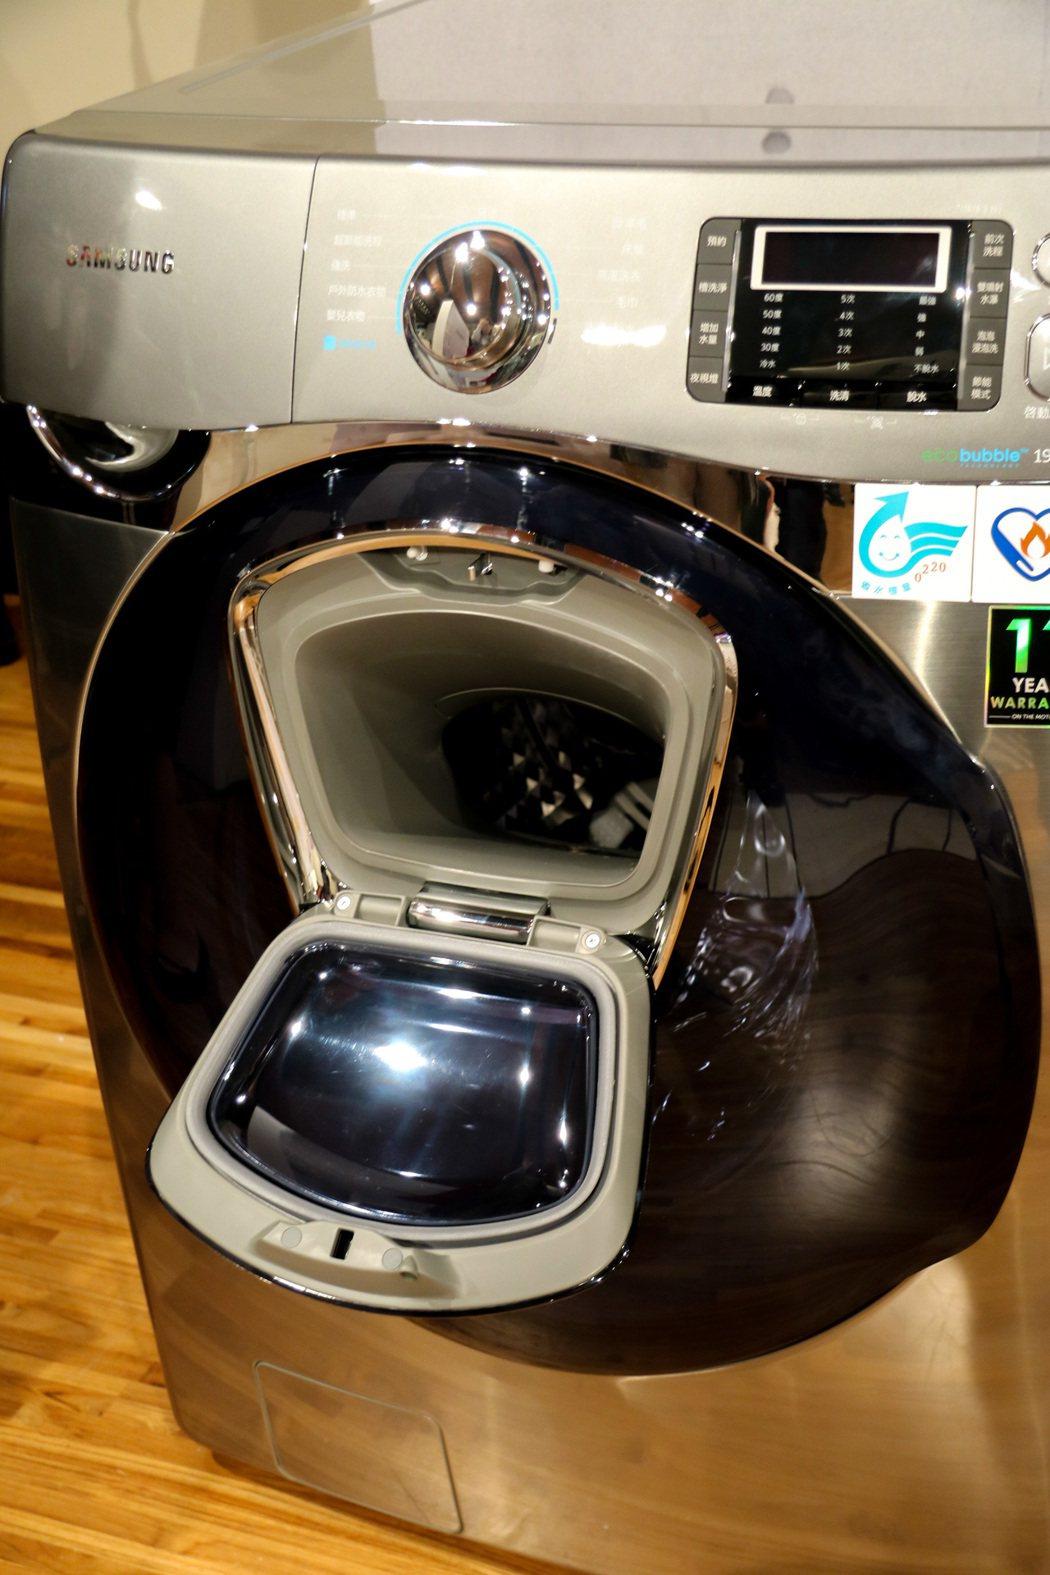 AddWash潔徑門洗衣機在外蓋上多了個小門,可臨時加入衣物。記者史榮恩/攝影